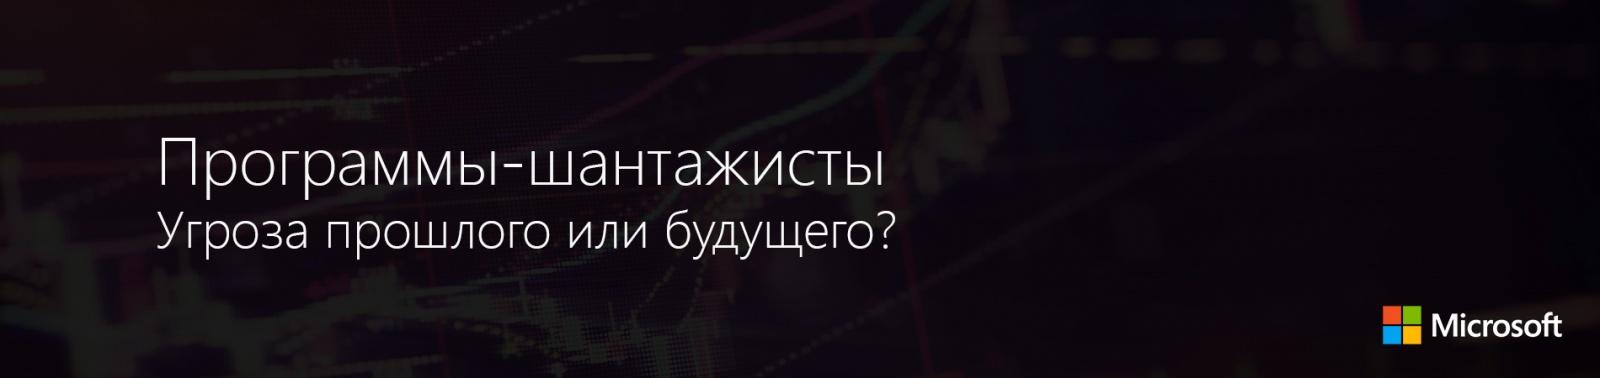 Программы-шантажисты: угроза прошлого или будущего? - 1